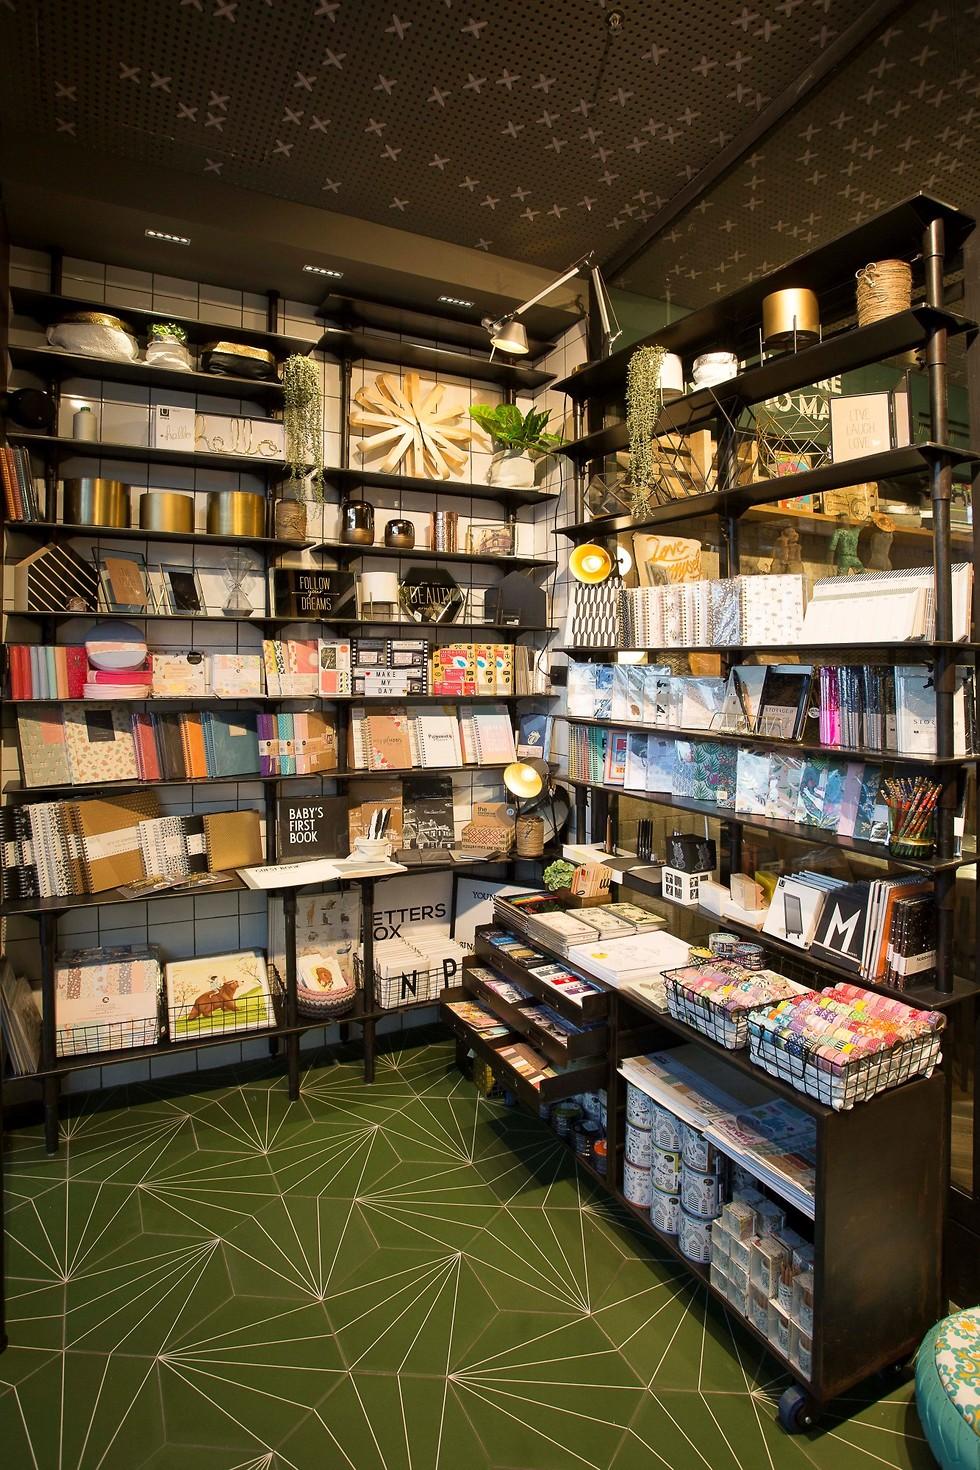 חנות מוצרי העיצוב. מייקרס (צילום: ירון וינברג) (צילום: ירון וינברג)